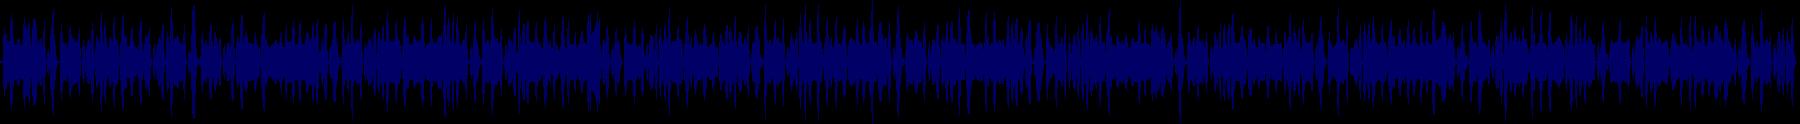 waveform of track #69458